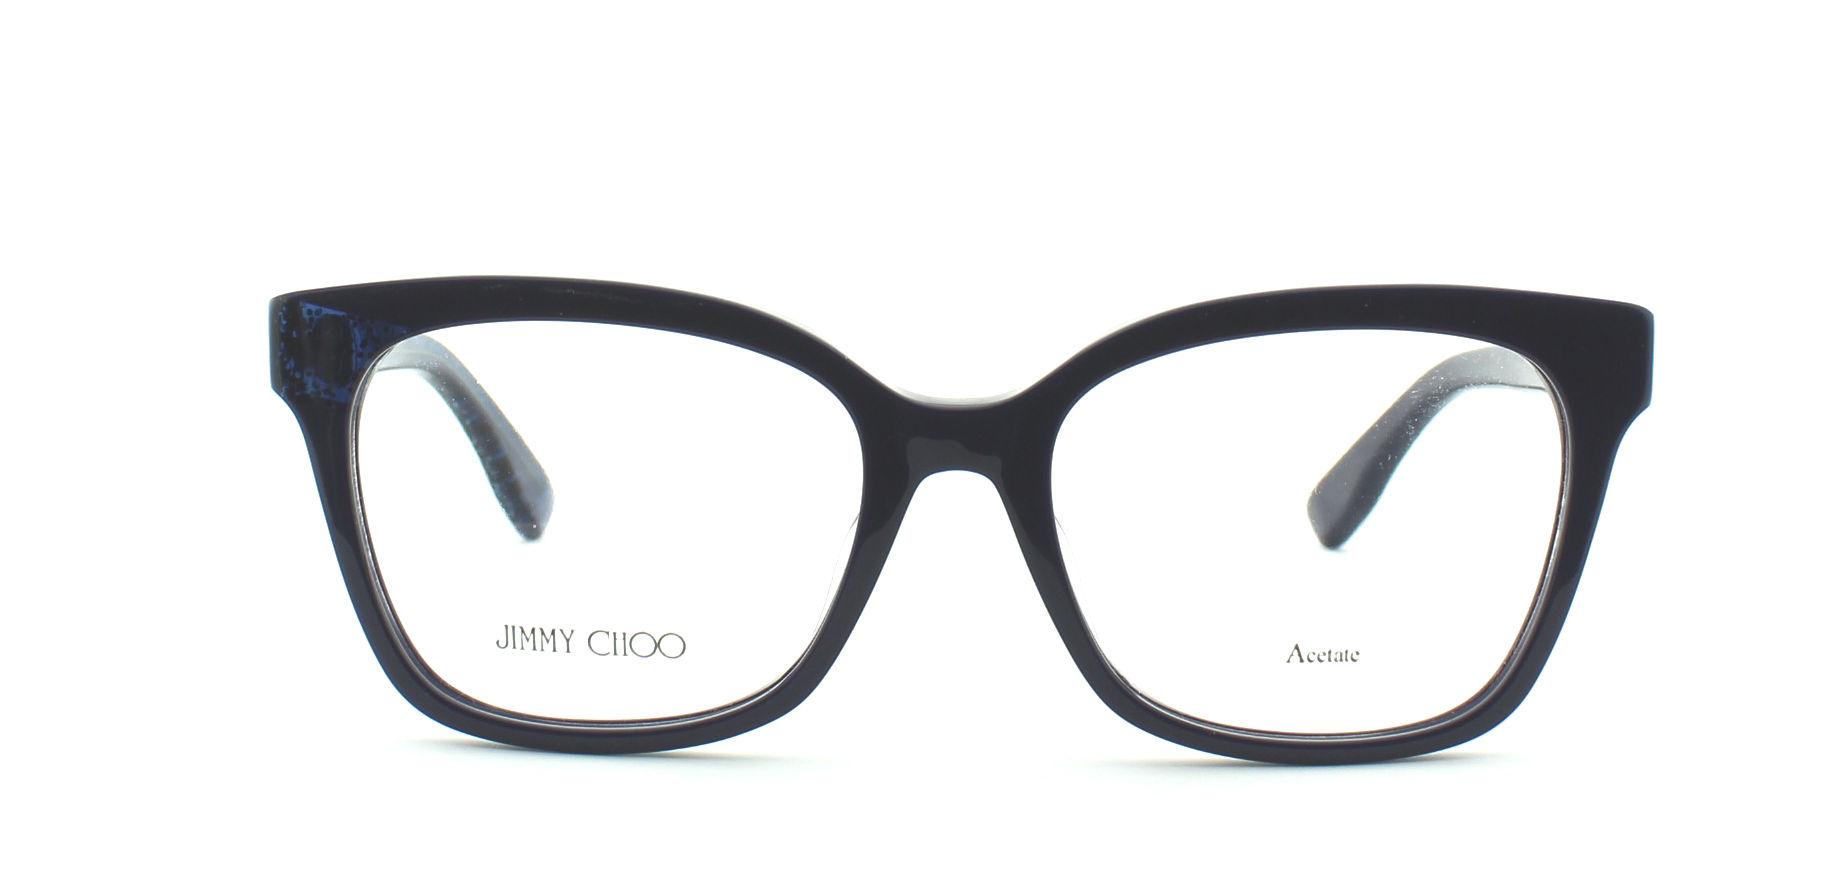 JIMMY CHOO model 158/F col.Q9X